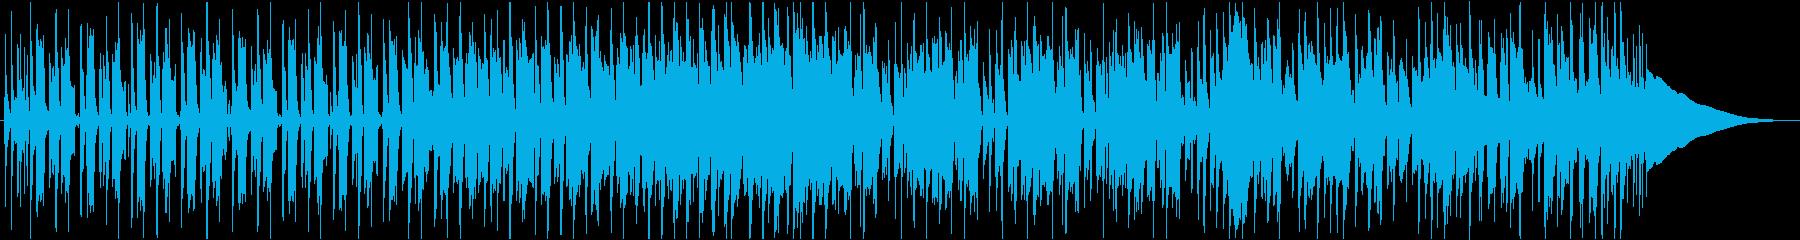 オールドスタイルファンクグルーヴ全部盛りの再生済みの波形